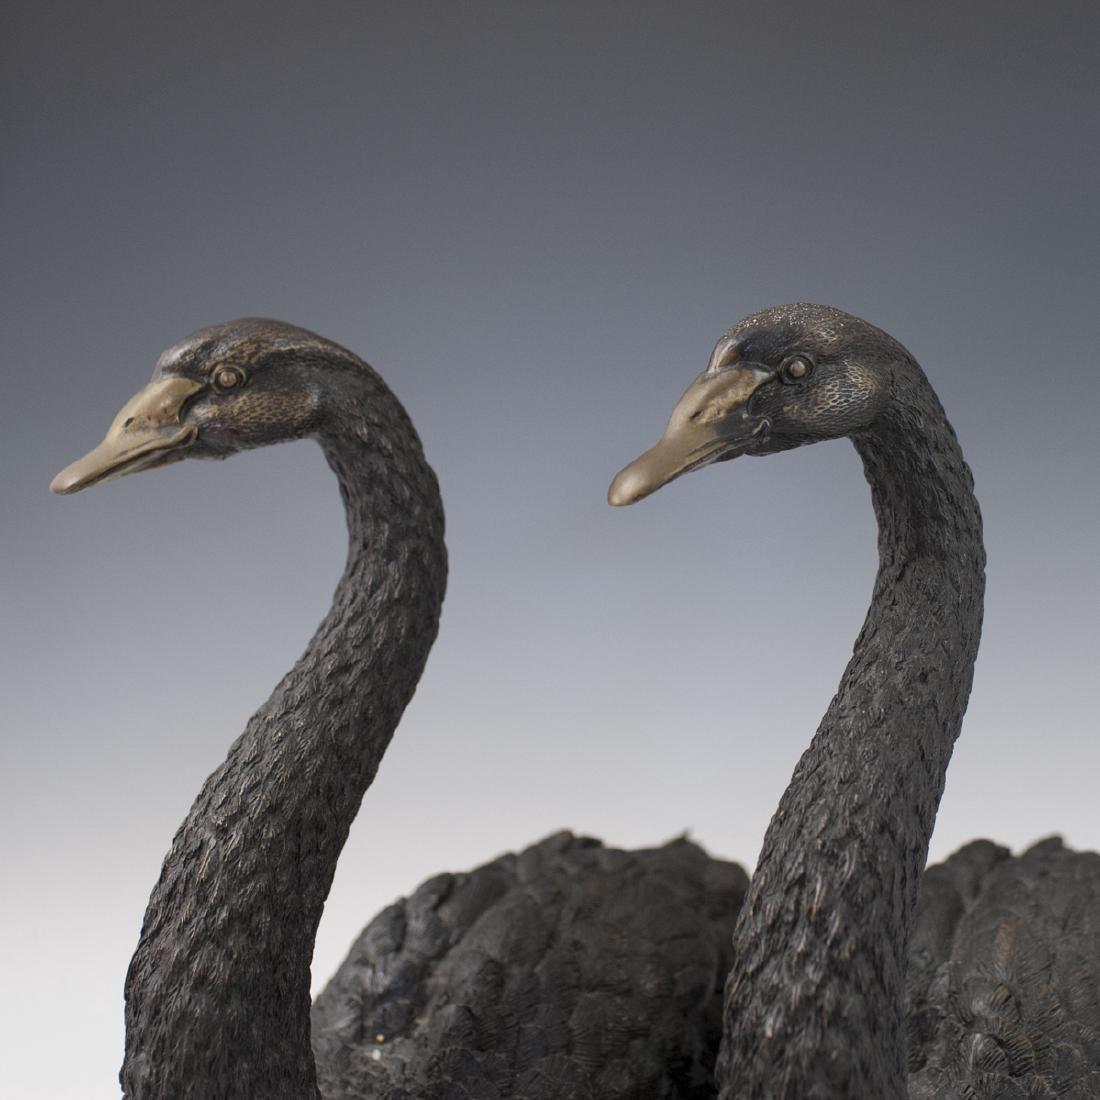 Antique Bronze Swan Sculptures - 2